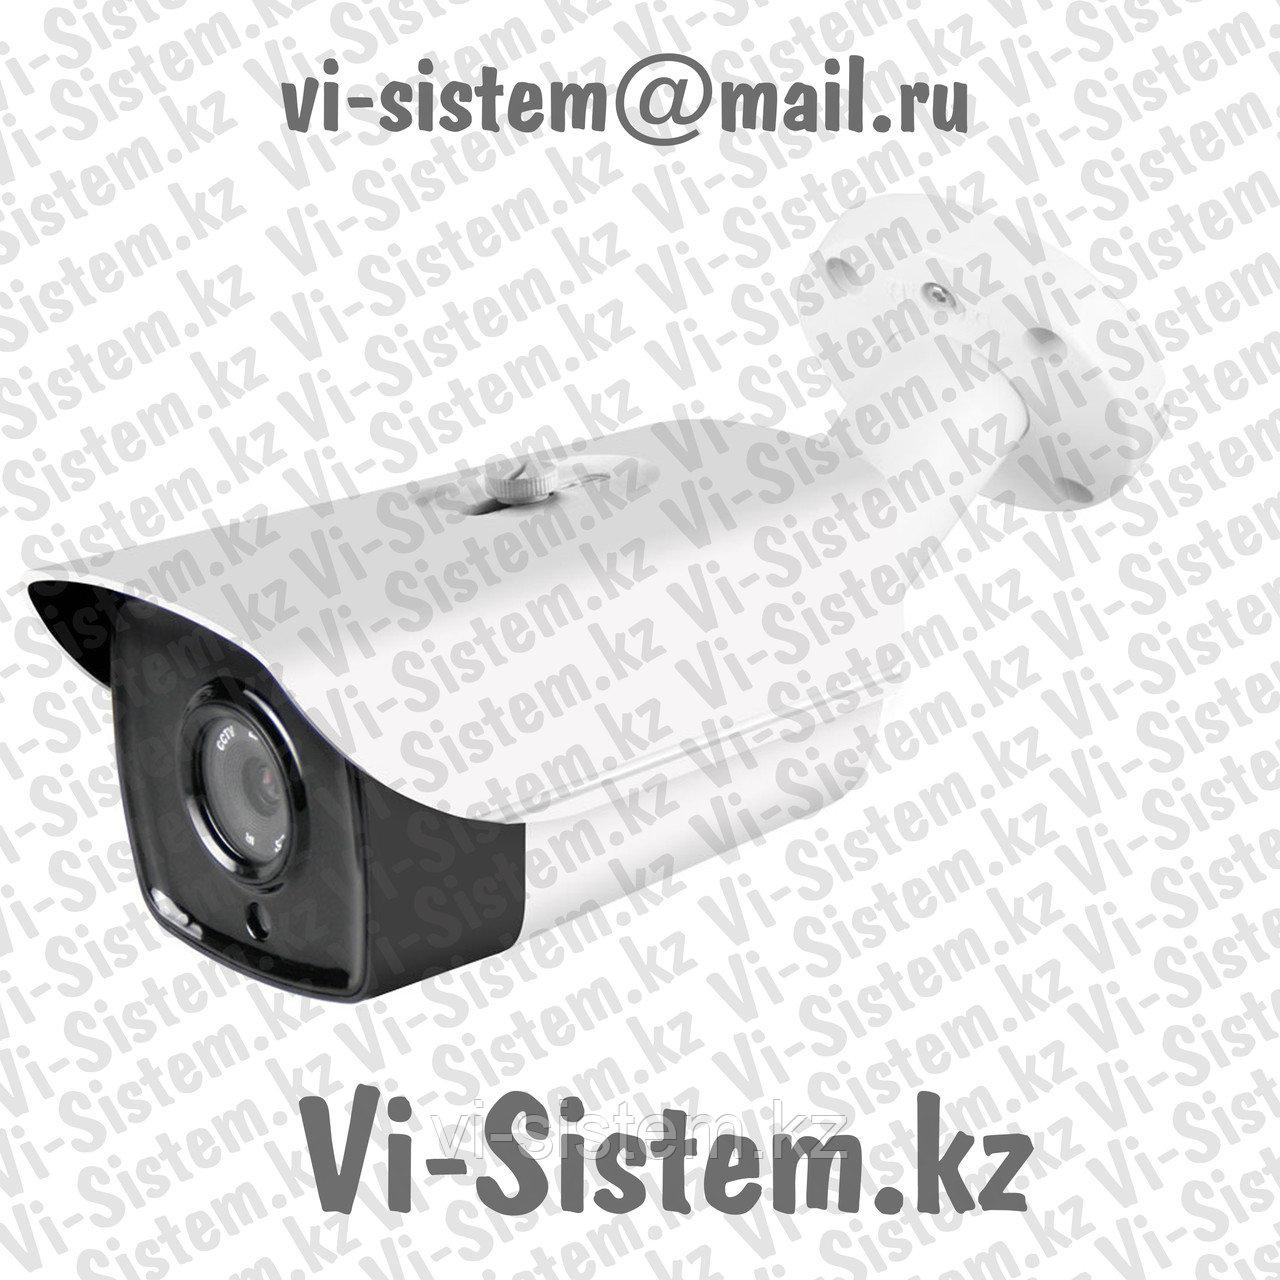 IP-Видеокамера SYNCAR 270 POE 2MP